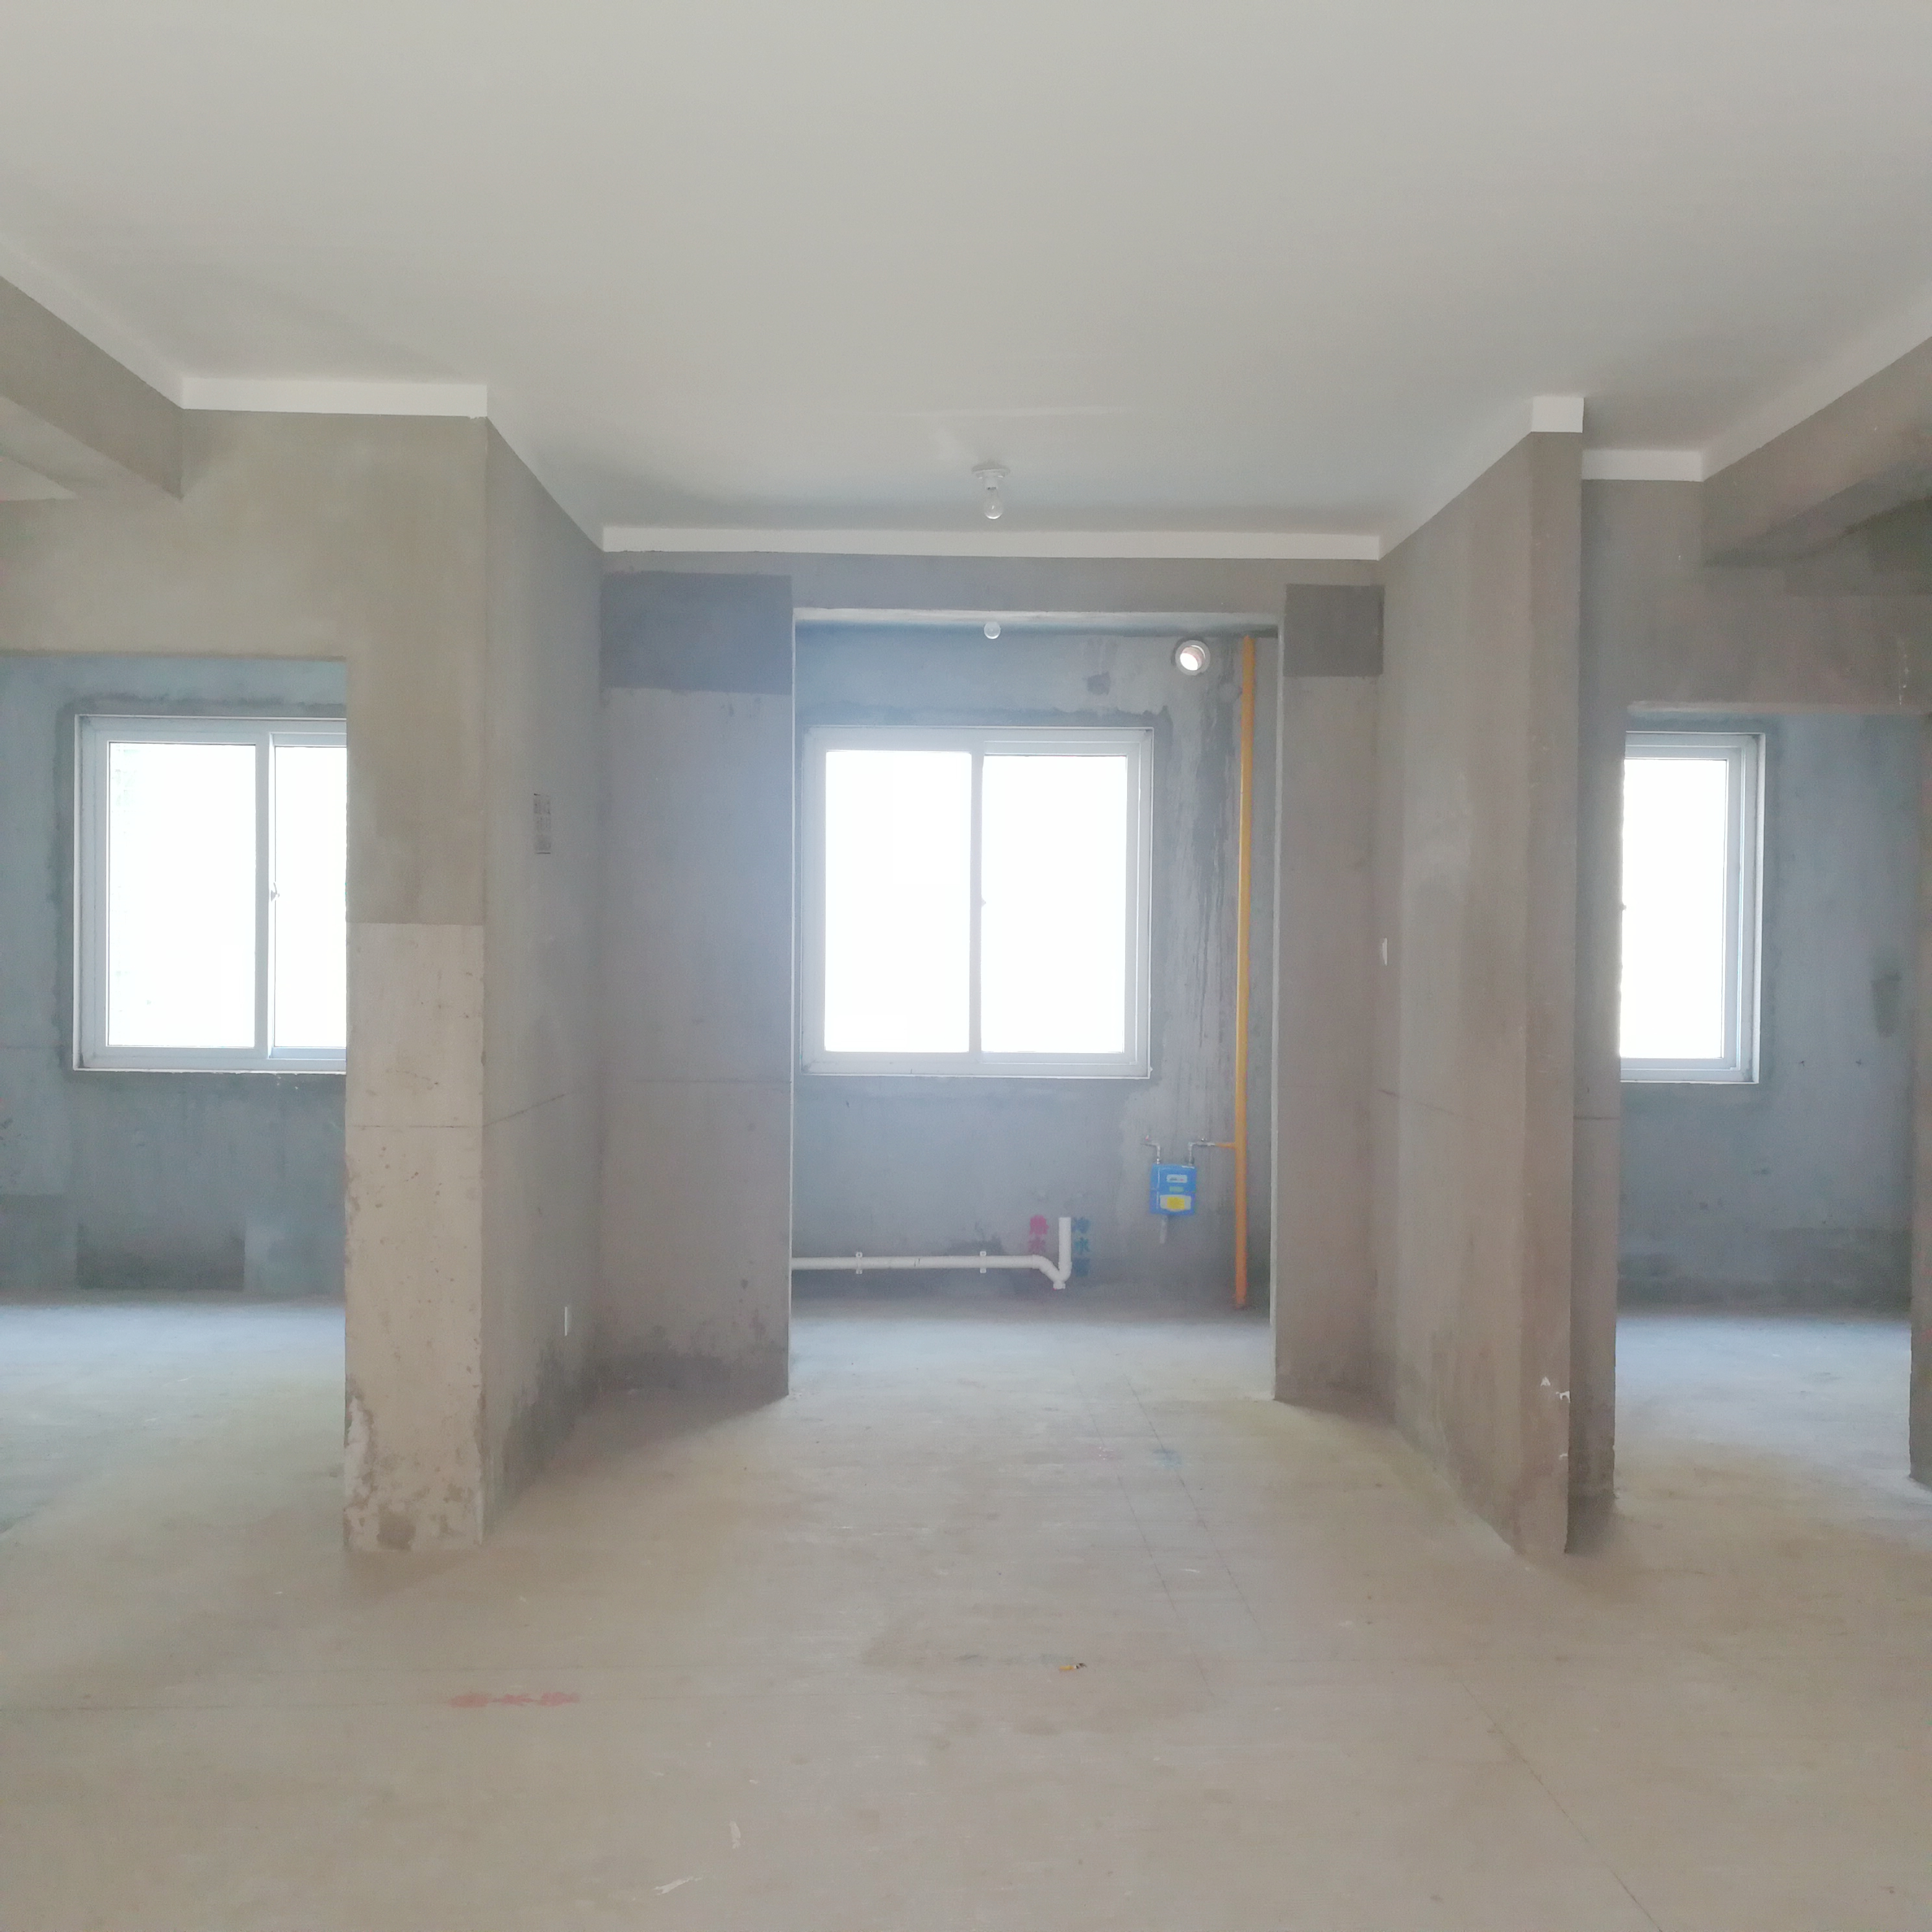 英伦联邦100平米3室毛坯房出售_3